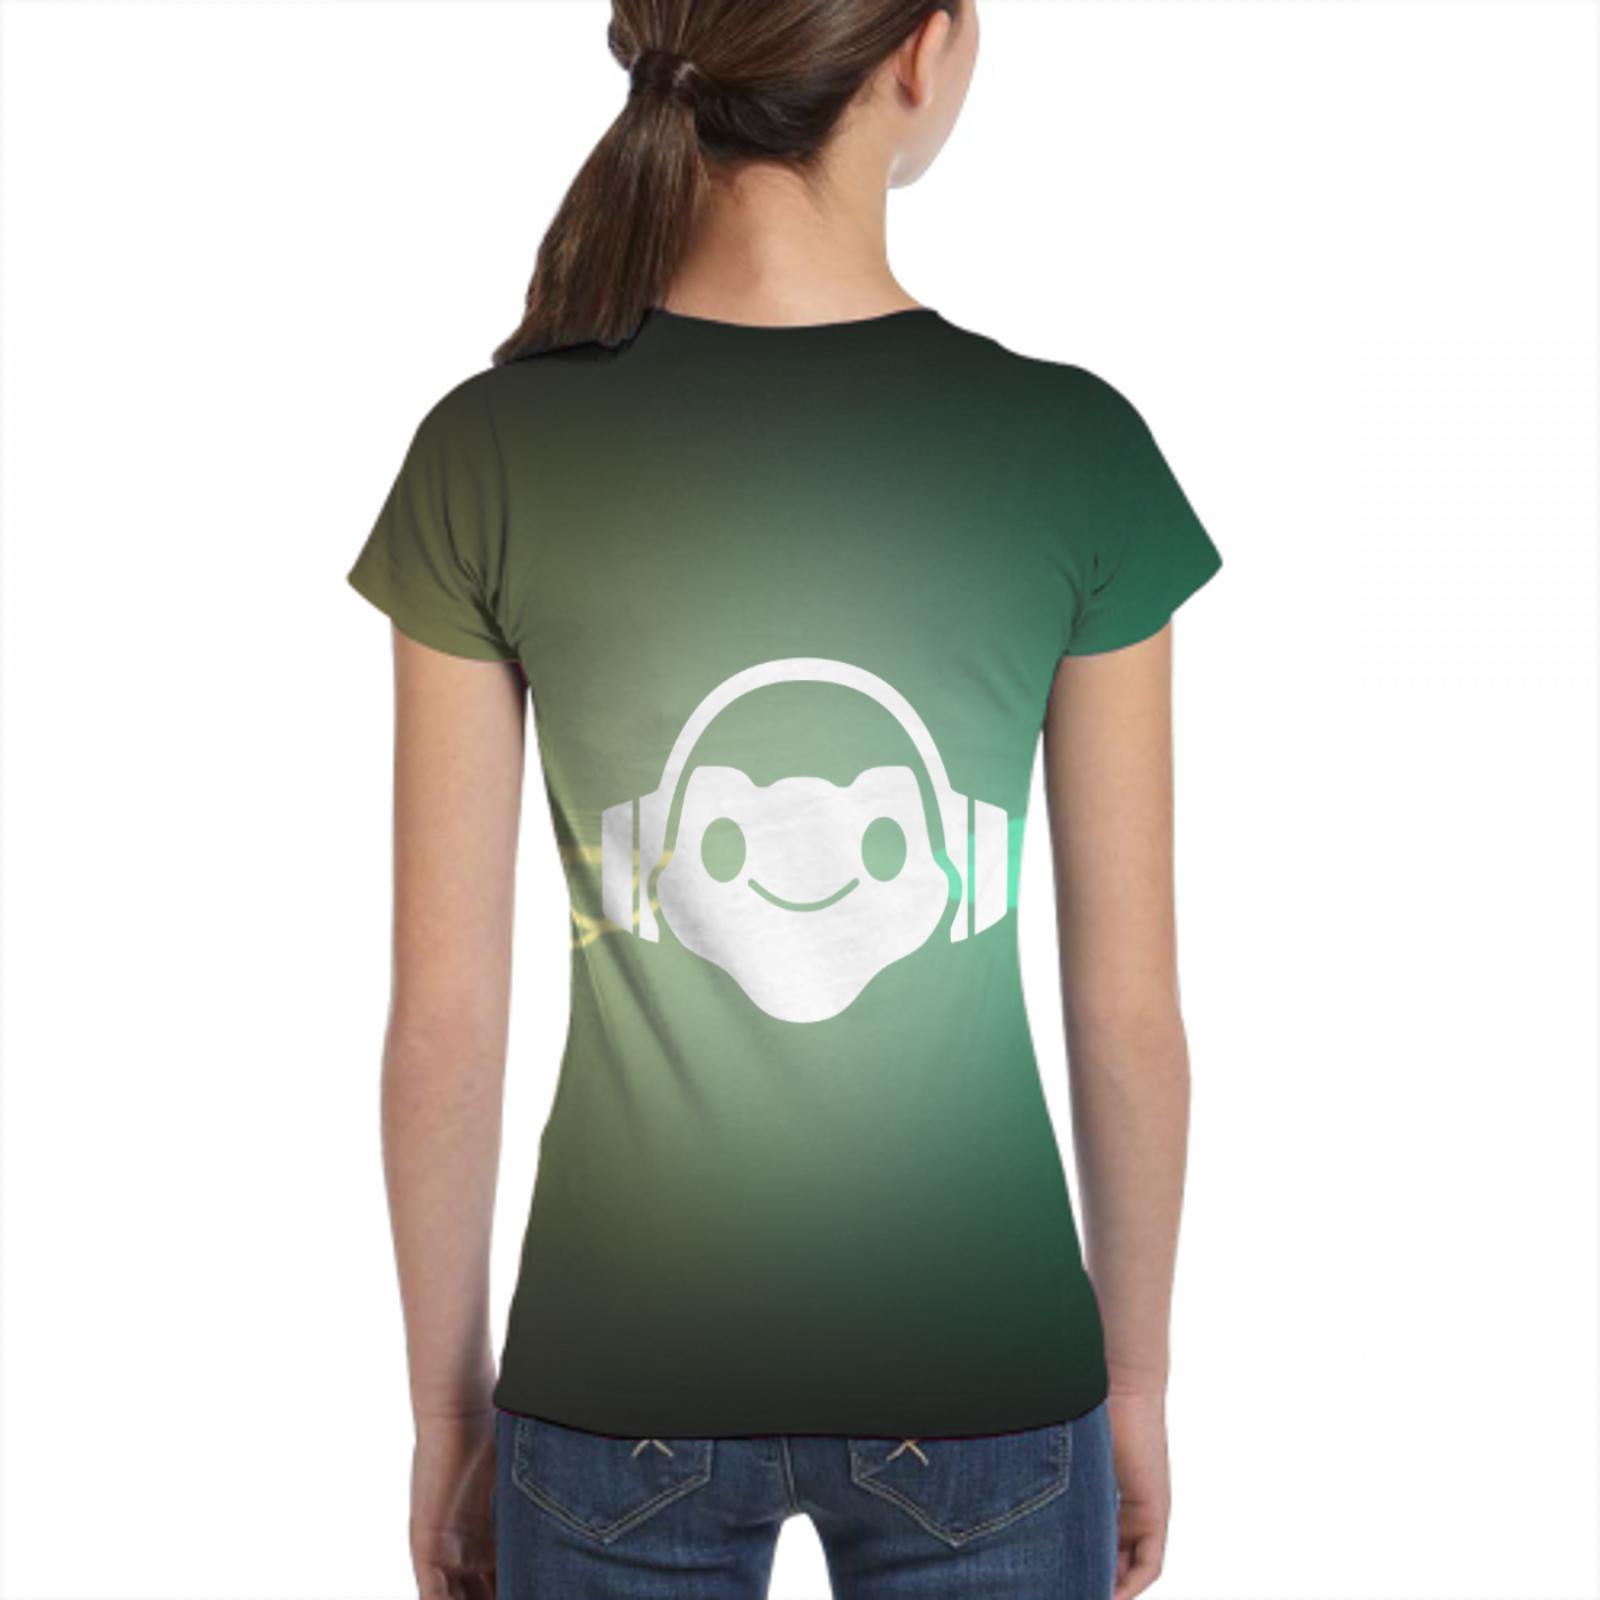 2021 new printing overwatch oversized t shirt art women/men oversized t shirt overwatch compression boys/girls t shirt 3